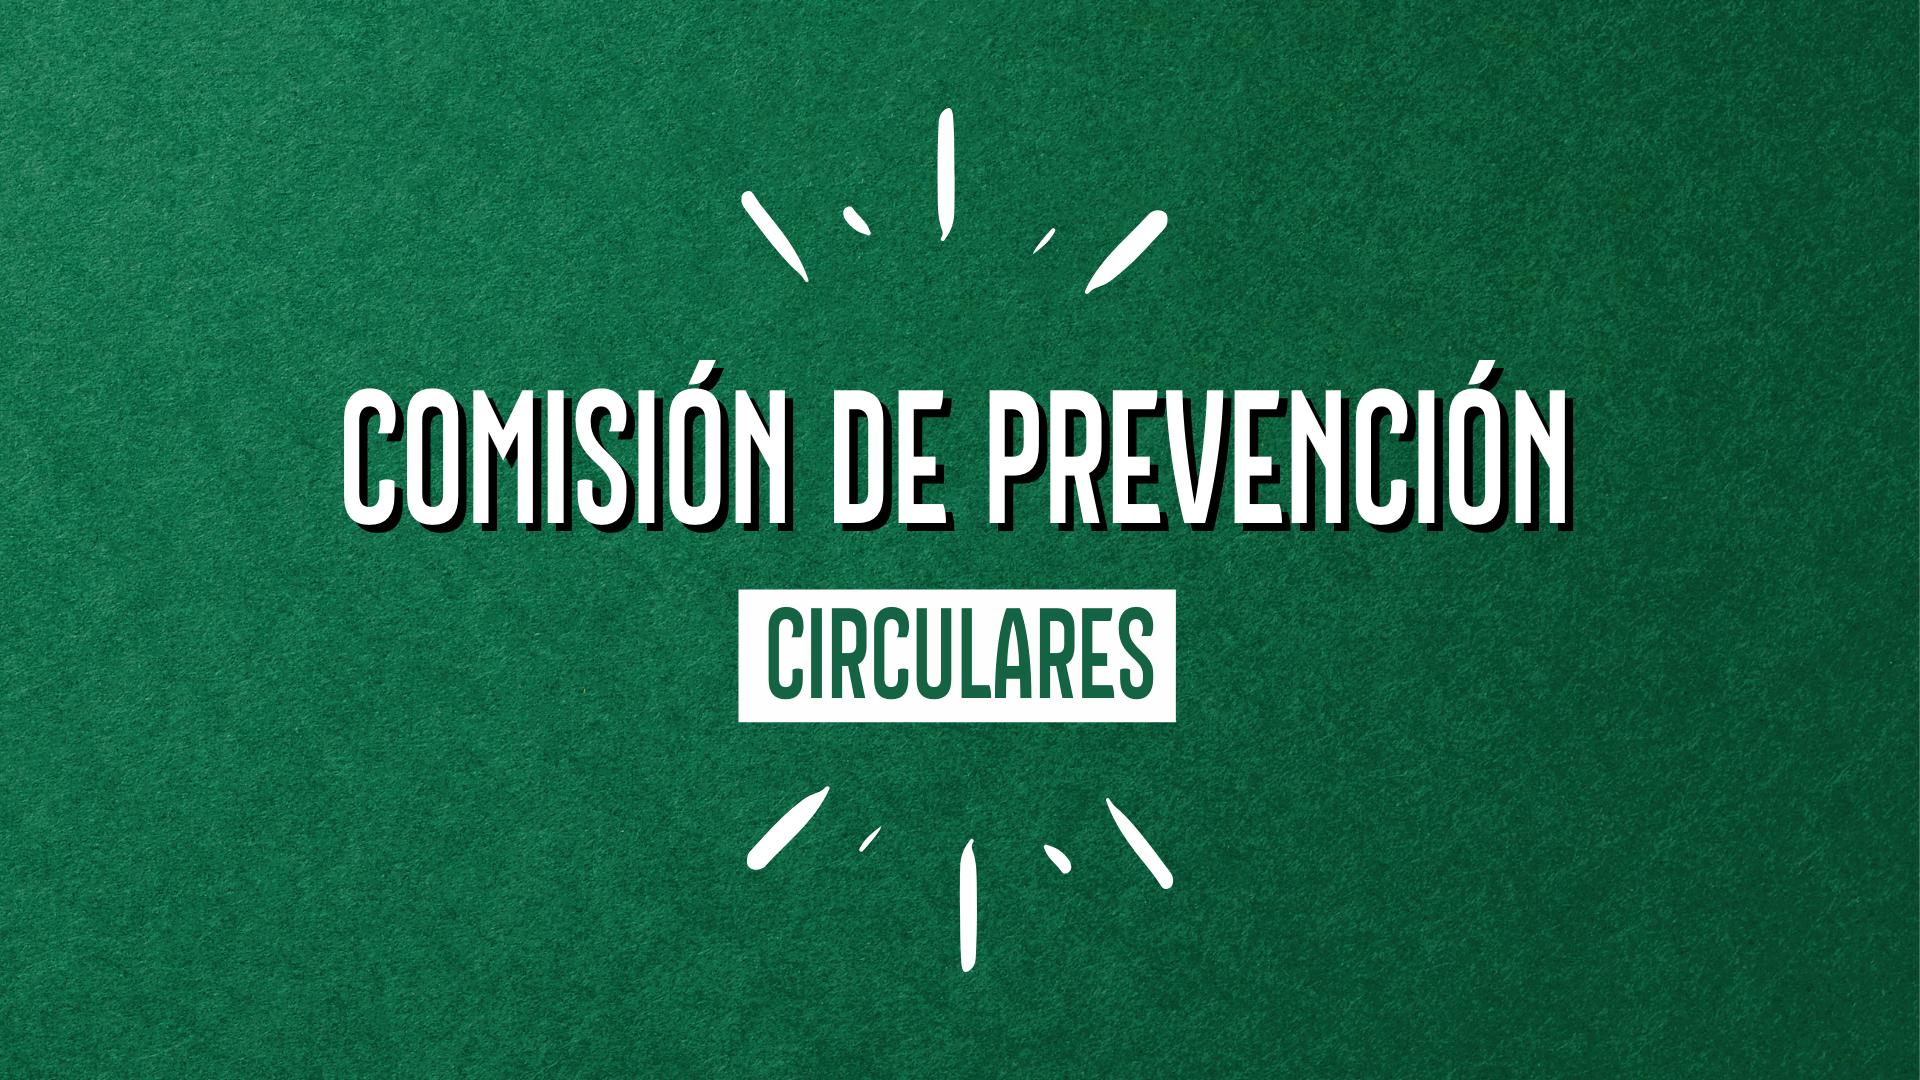 CIRCULAR Nº 7 COMISIÓN DE PREVENCIÓN